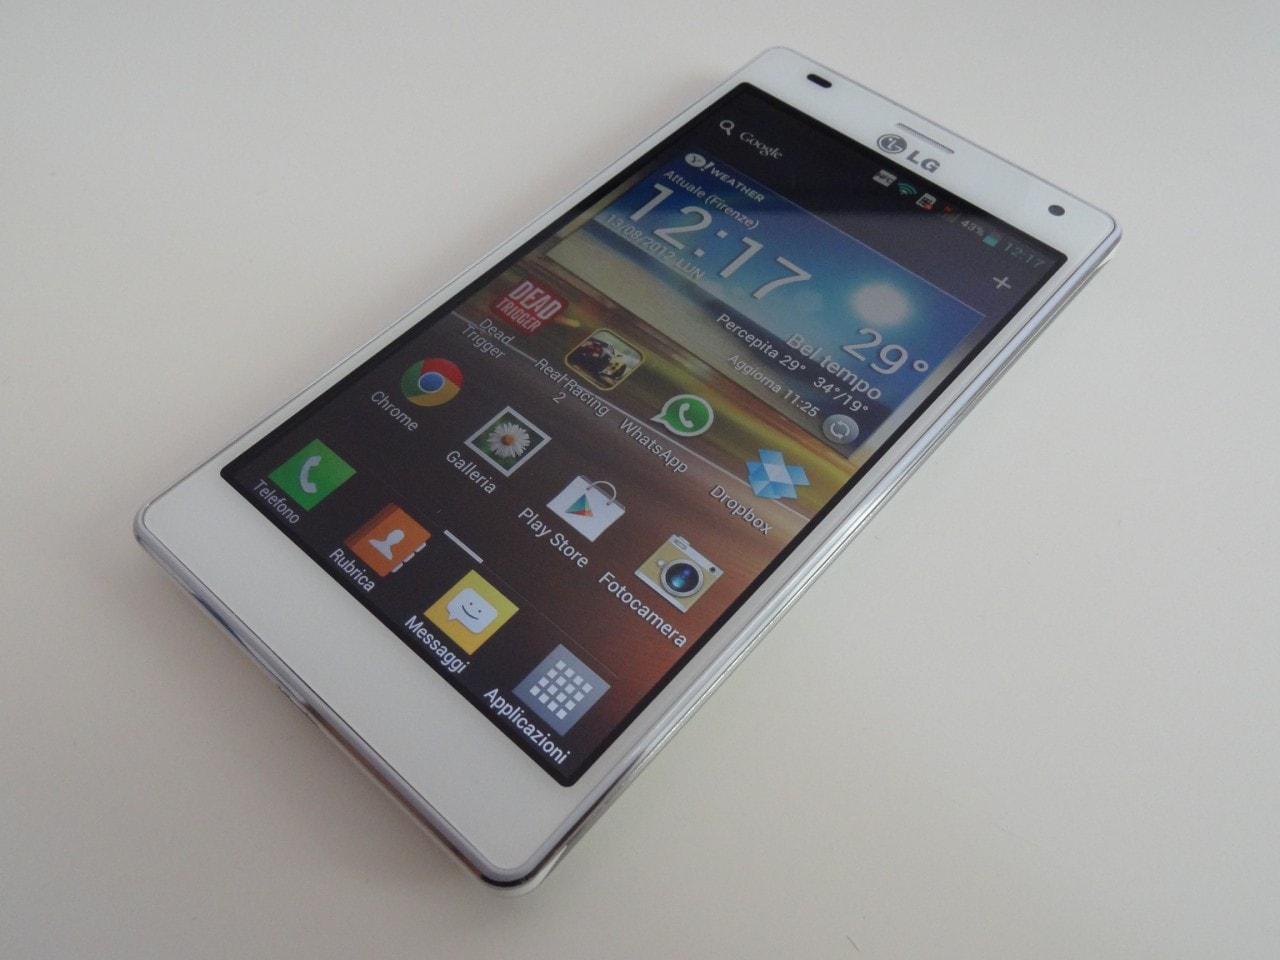 LG Optimus 4X HD foto reali 07